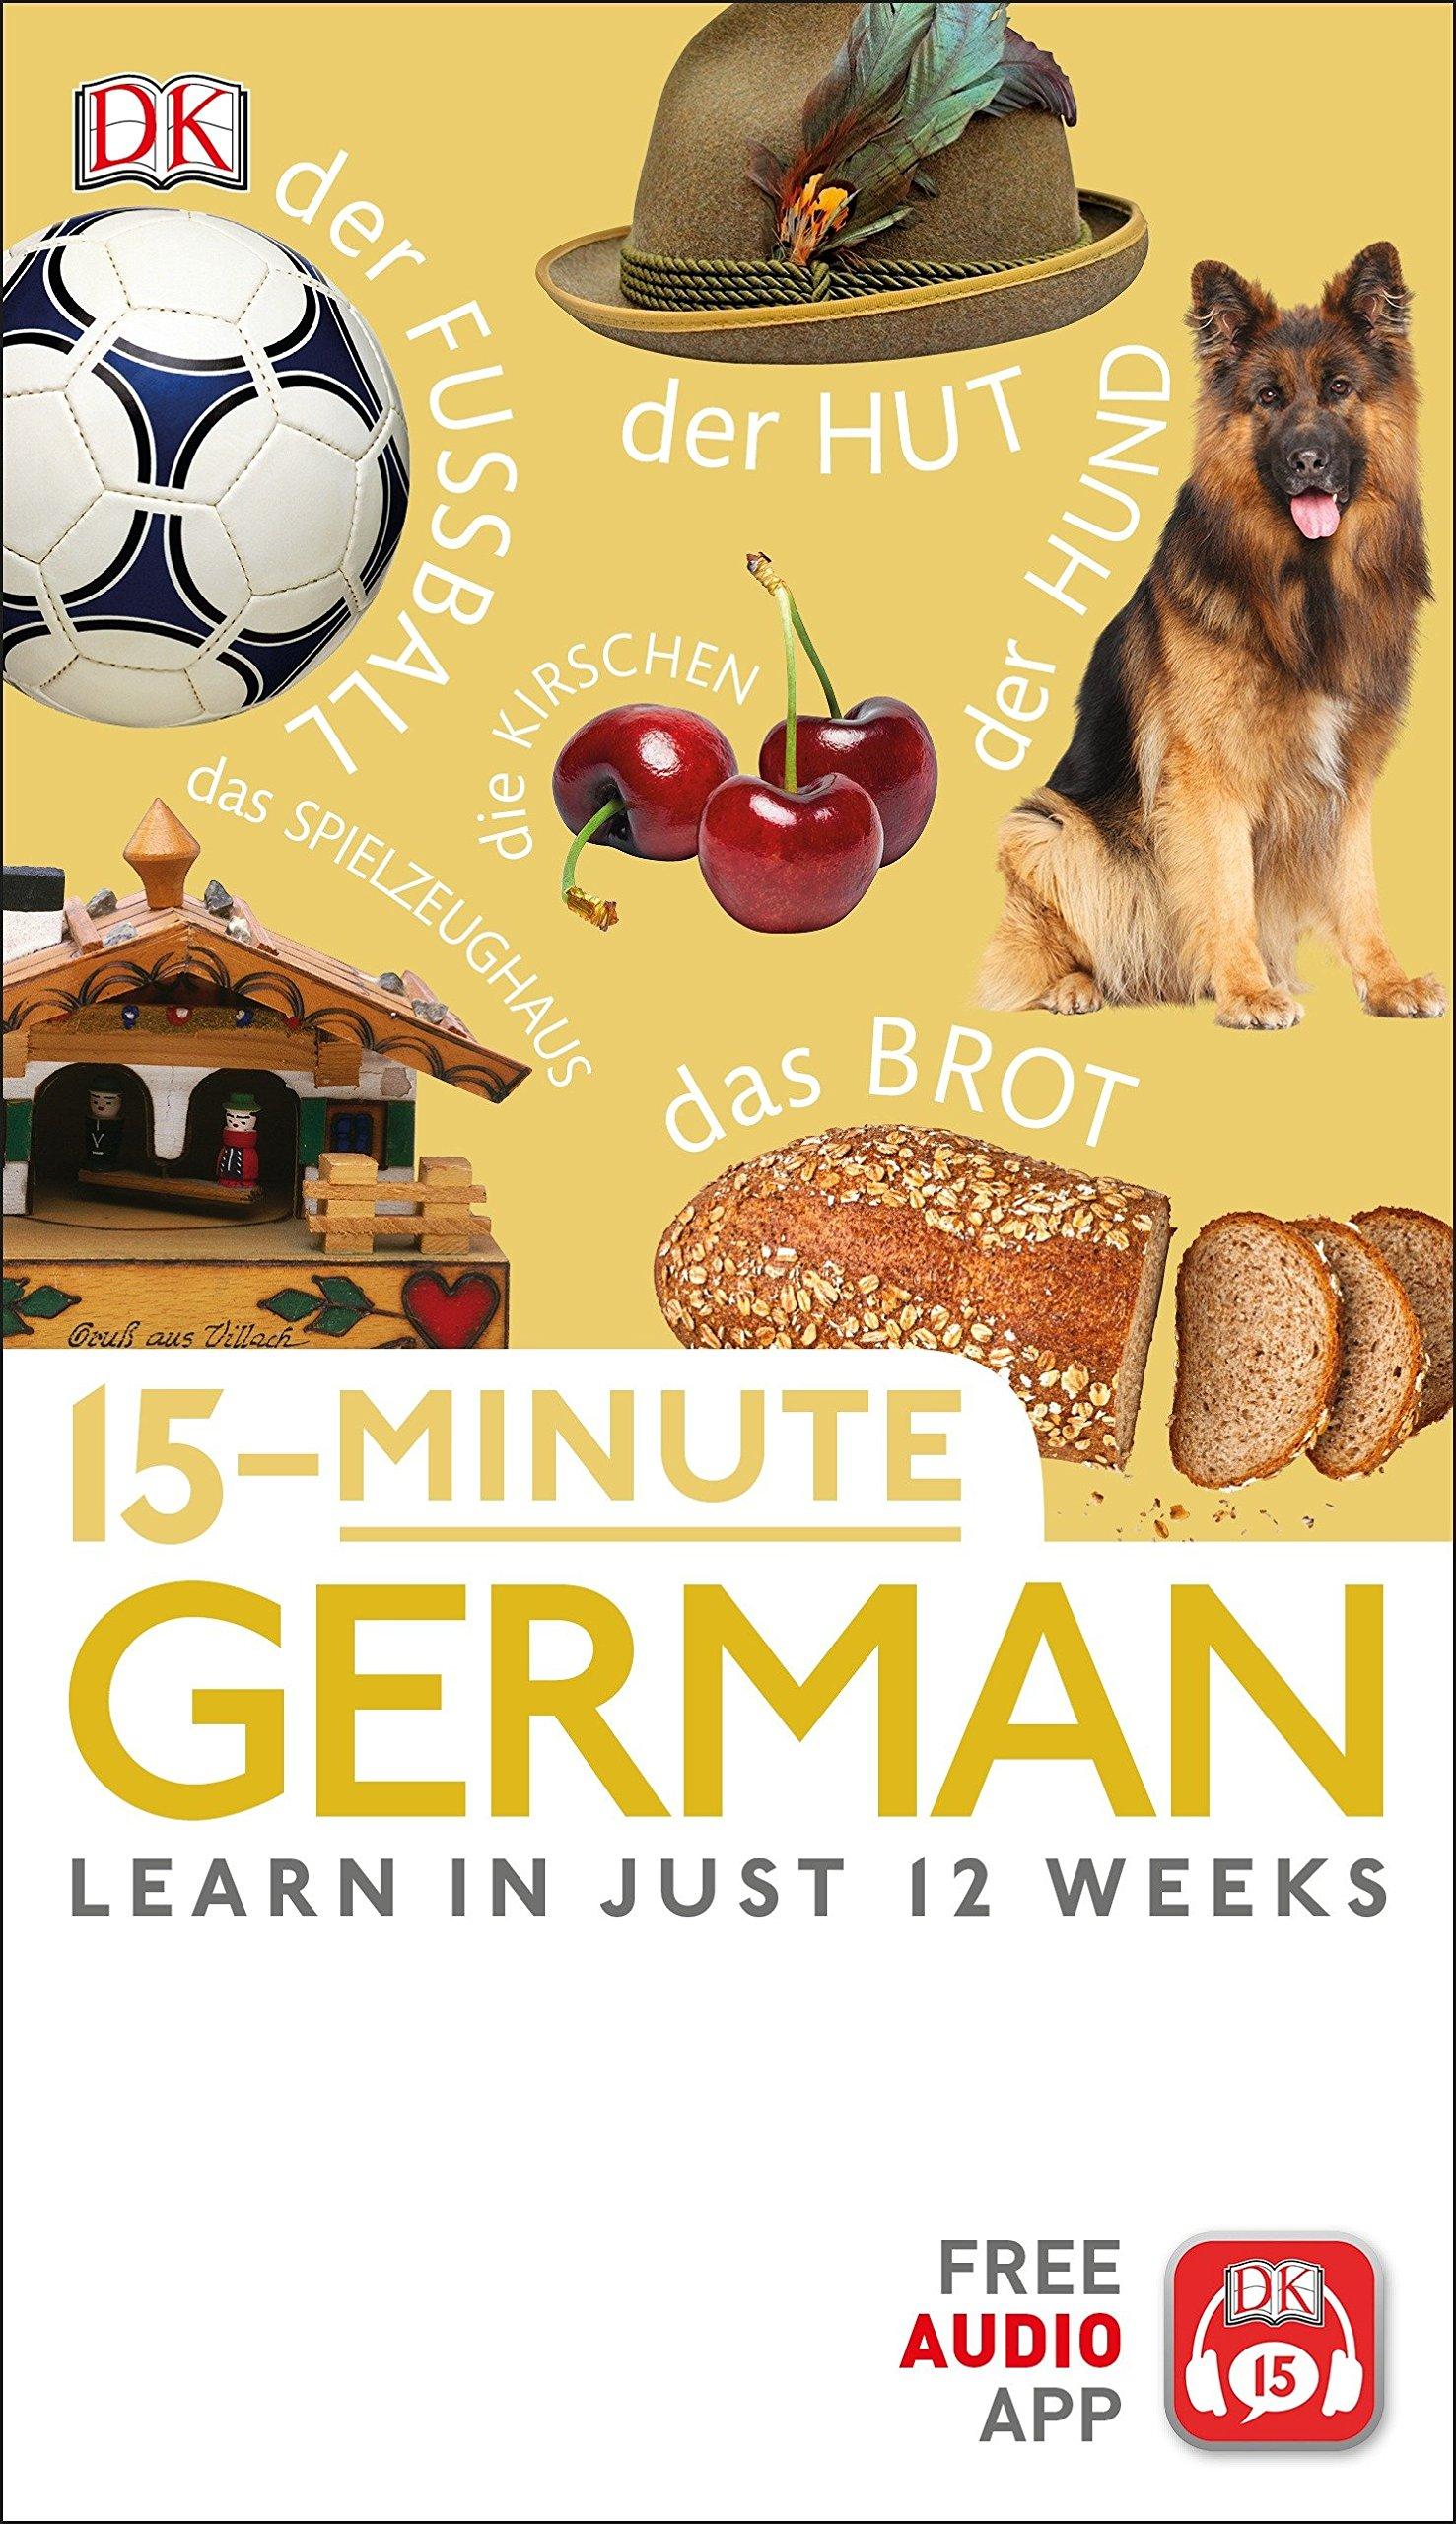 15-Minute German by DK